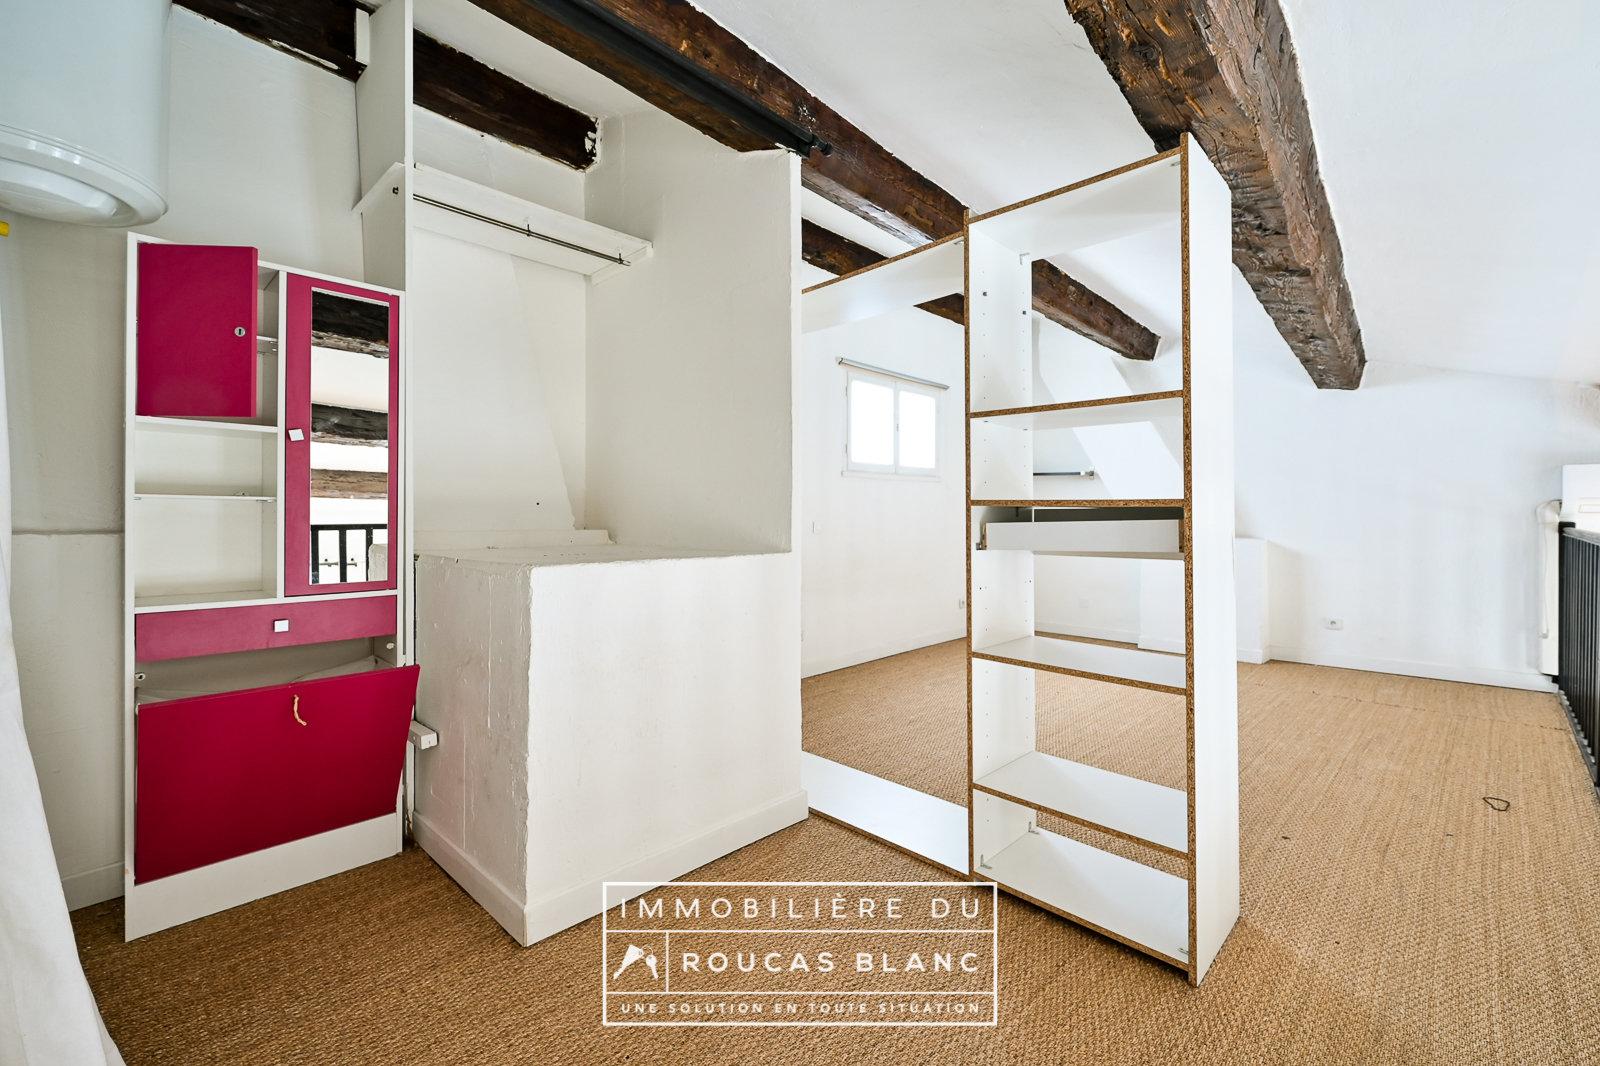 T2/3 duplex dernier etage climatisé double vitré